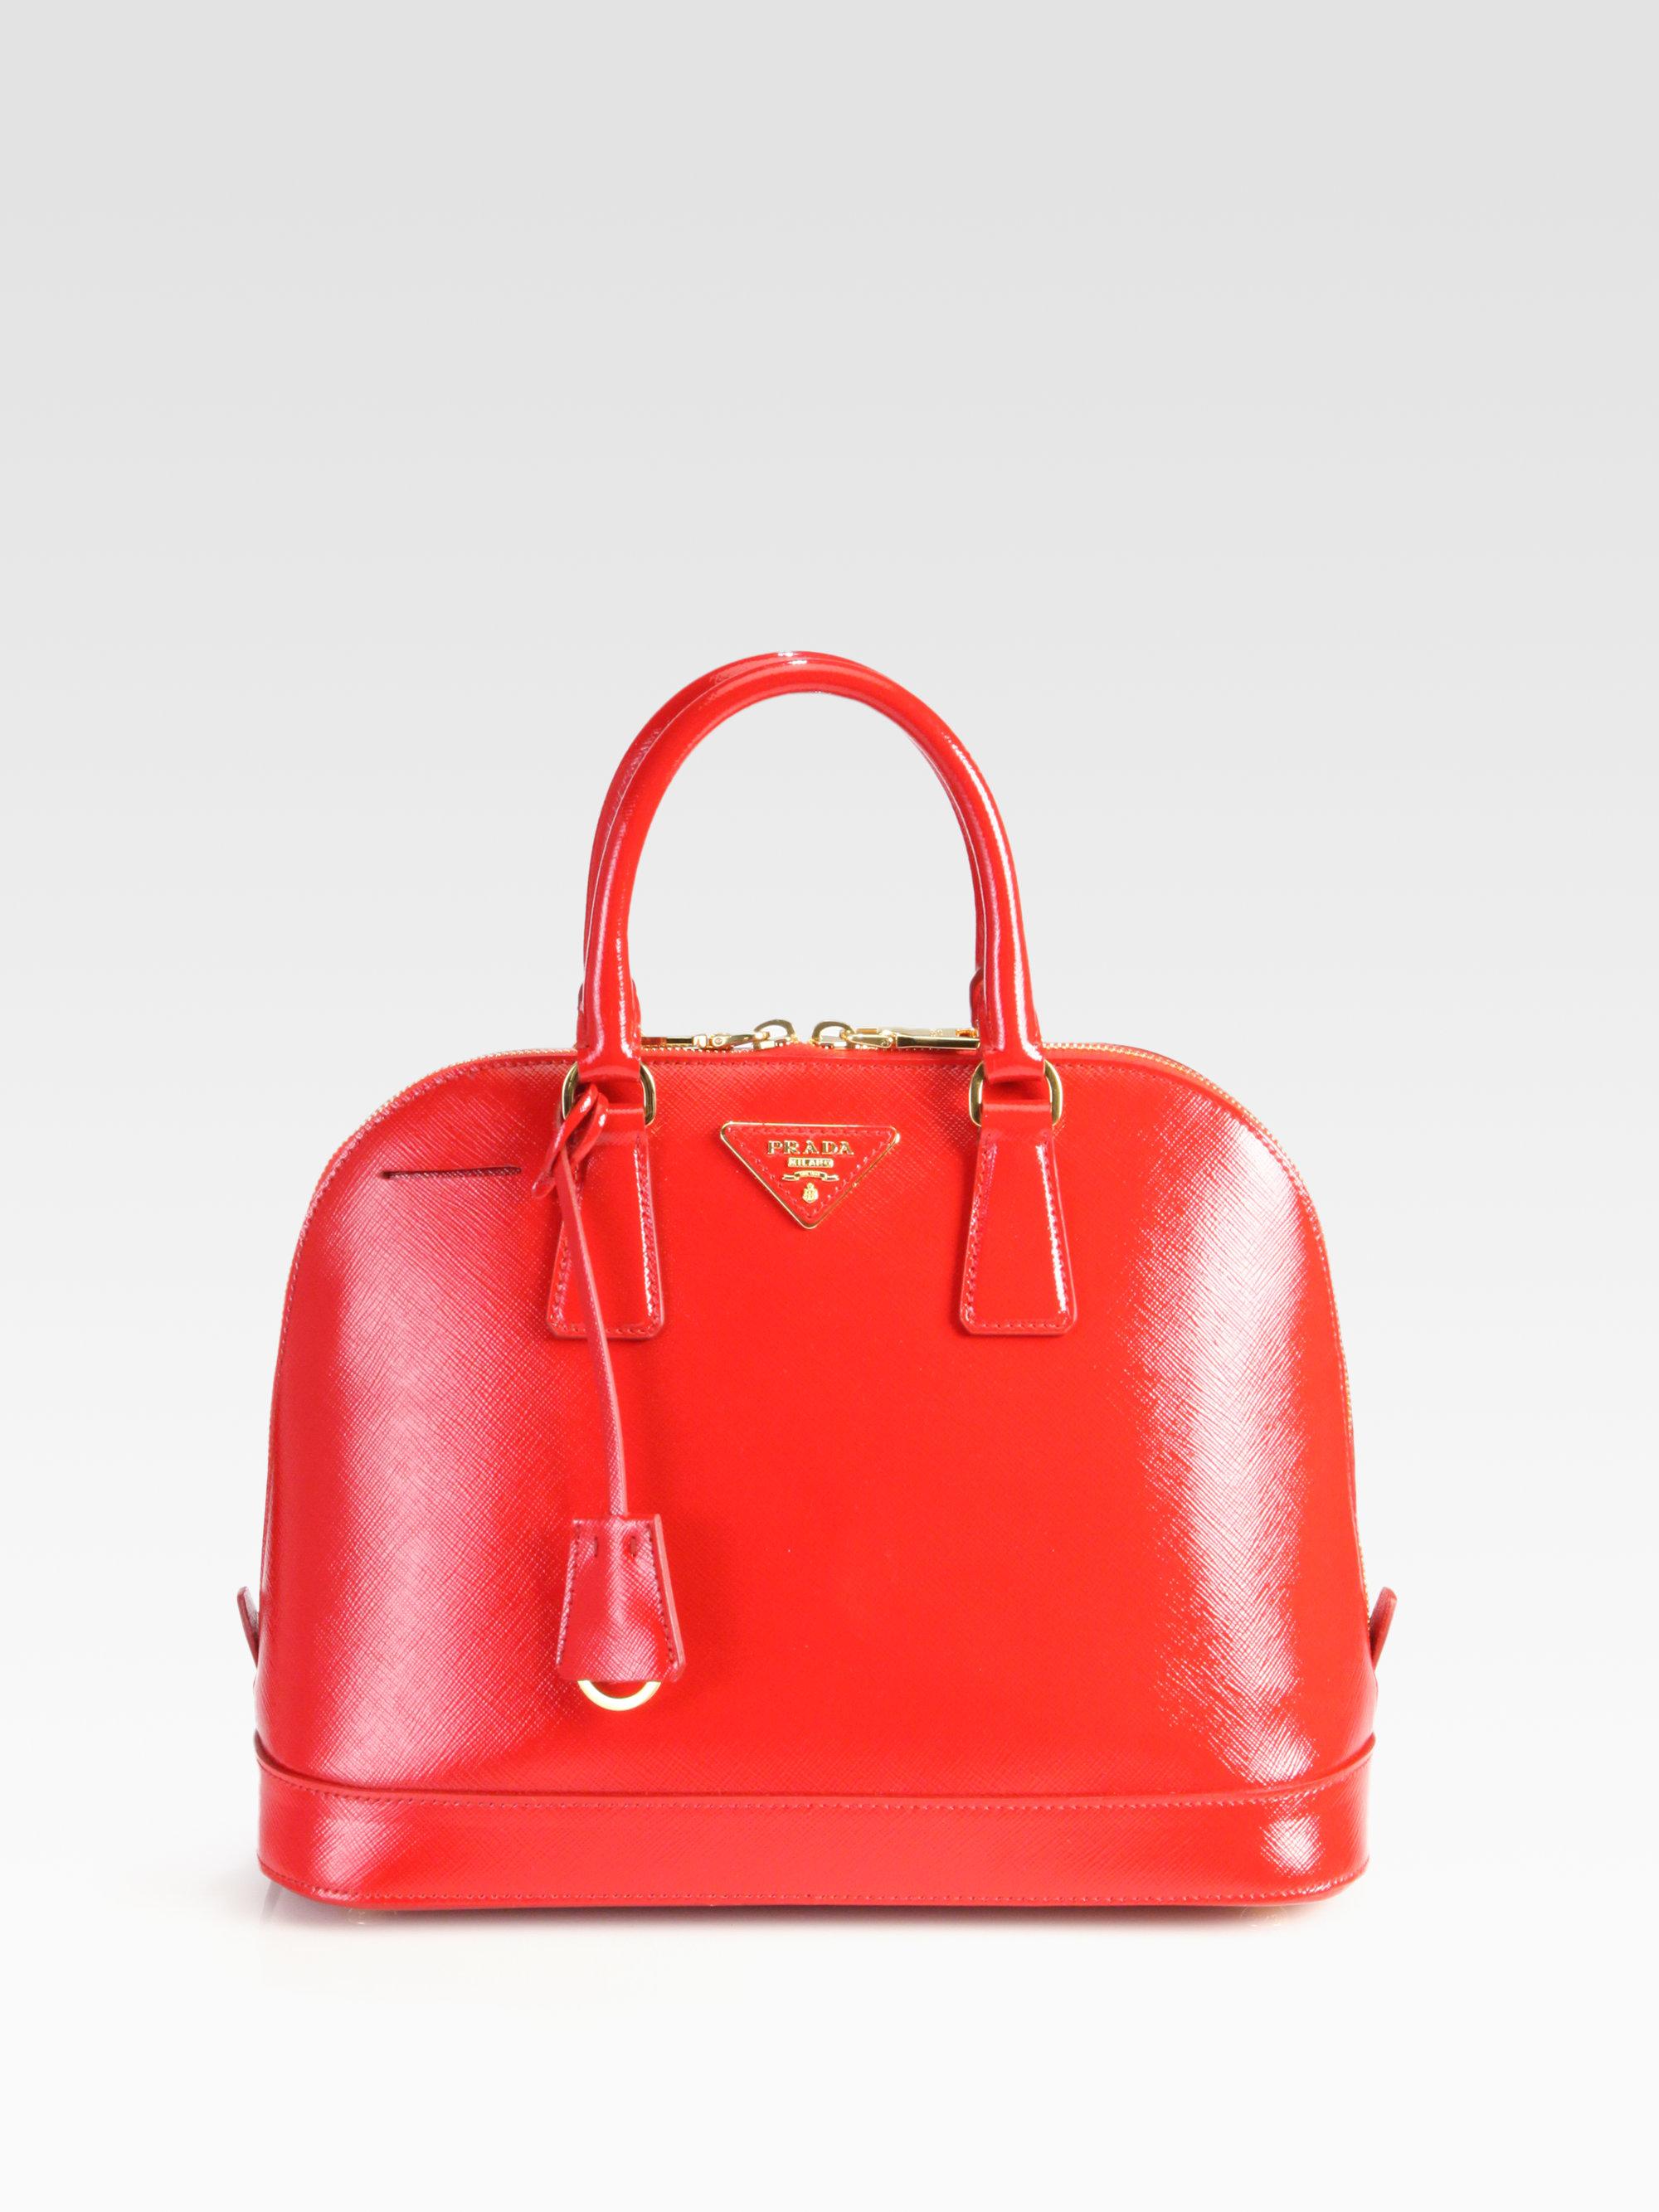 ... where to buy lyst prada saffiano vernice bugatti top handle bag in red  fc85a 4607e fc249123b38da